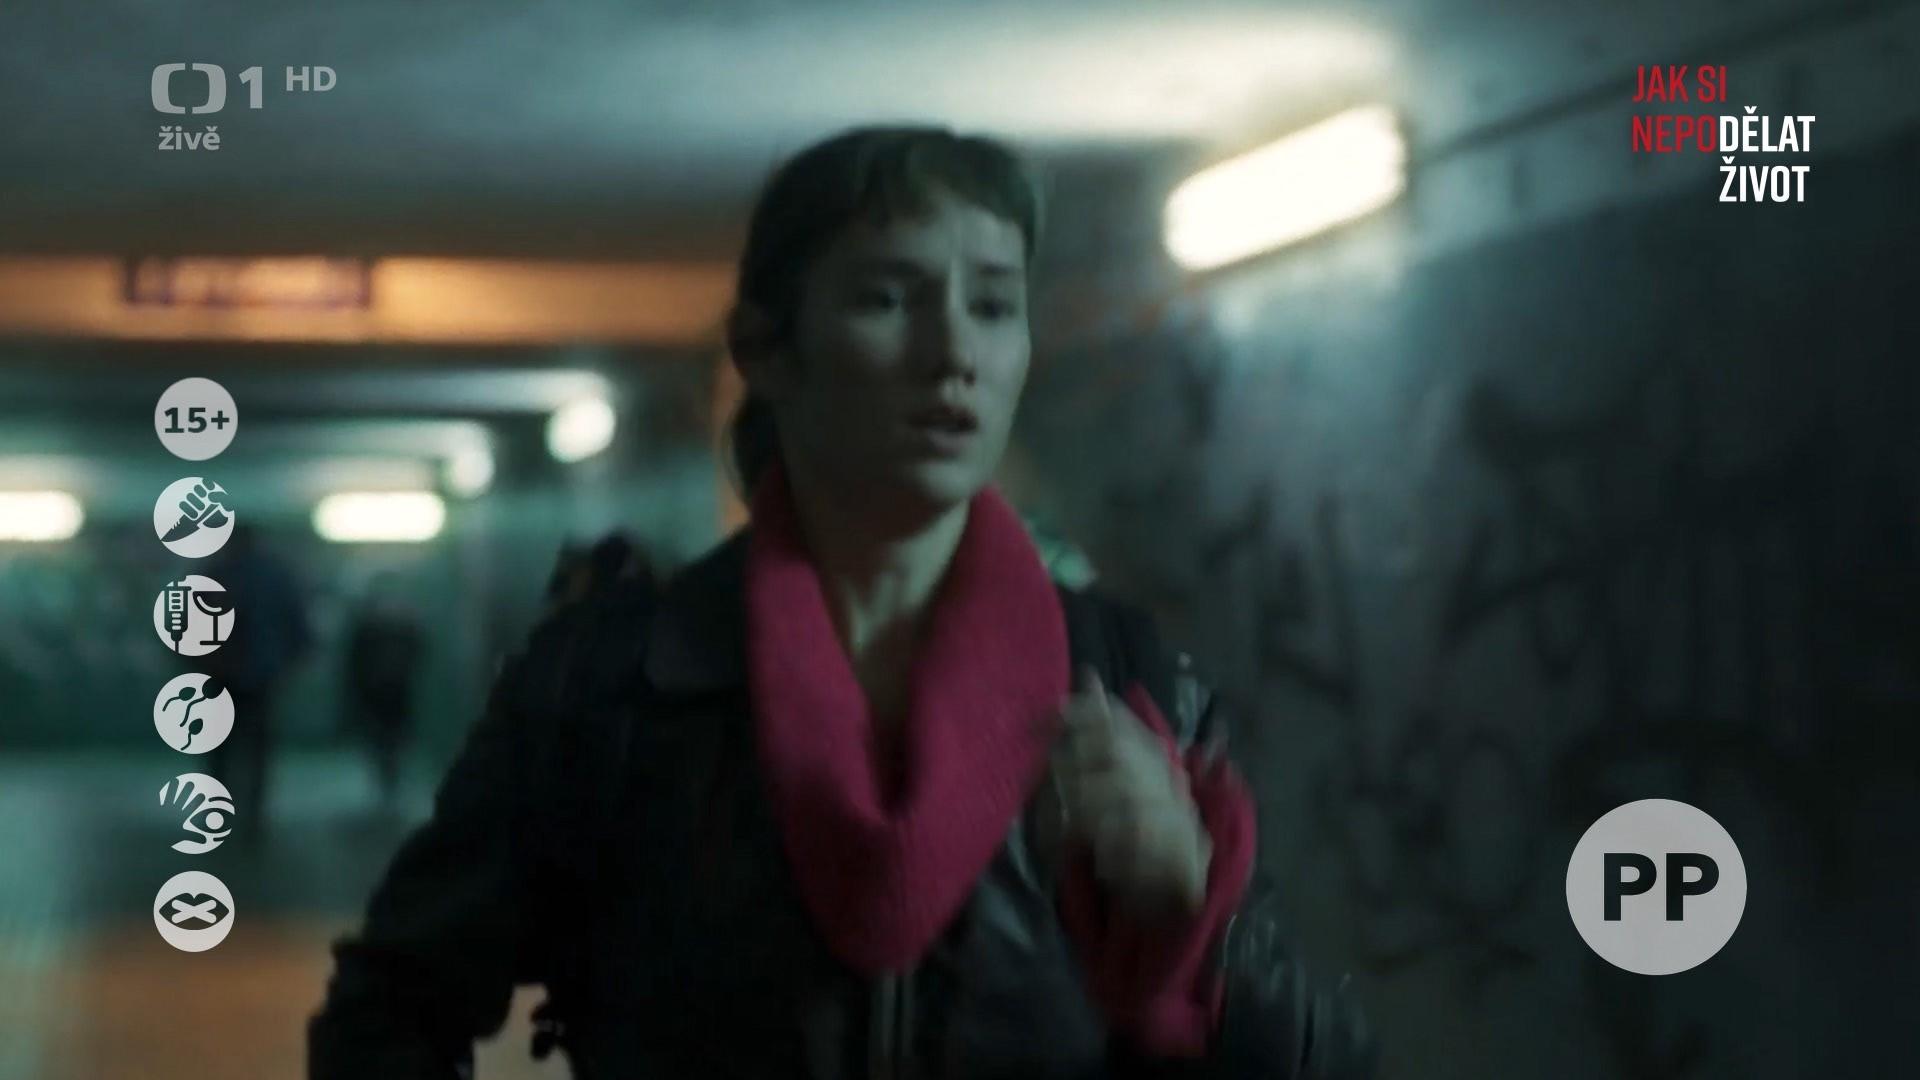 Ukázka ikon nevhodného obsahu na obrazovce České televize